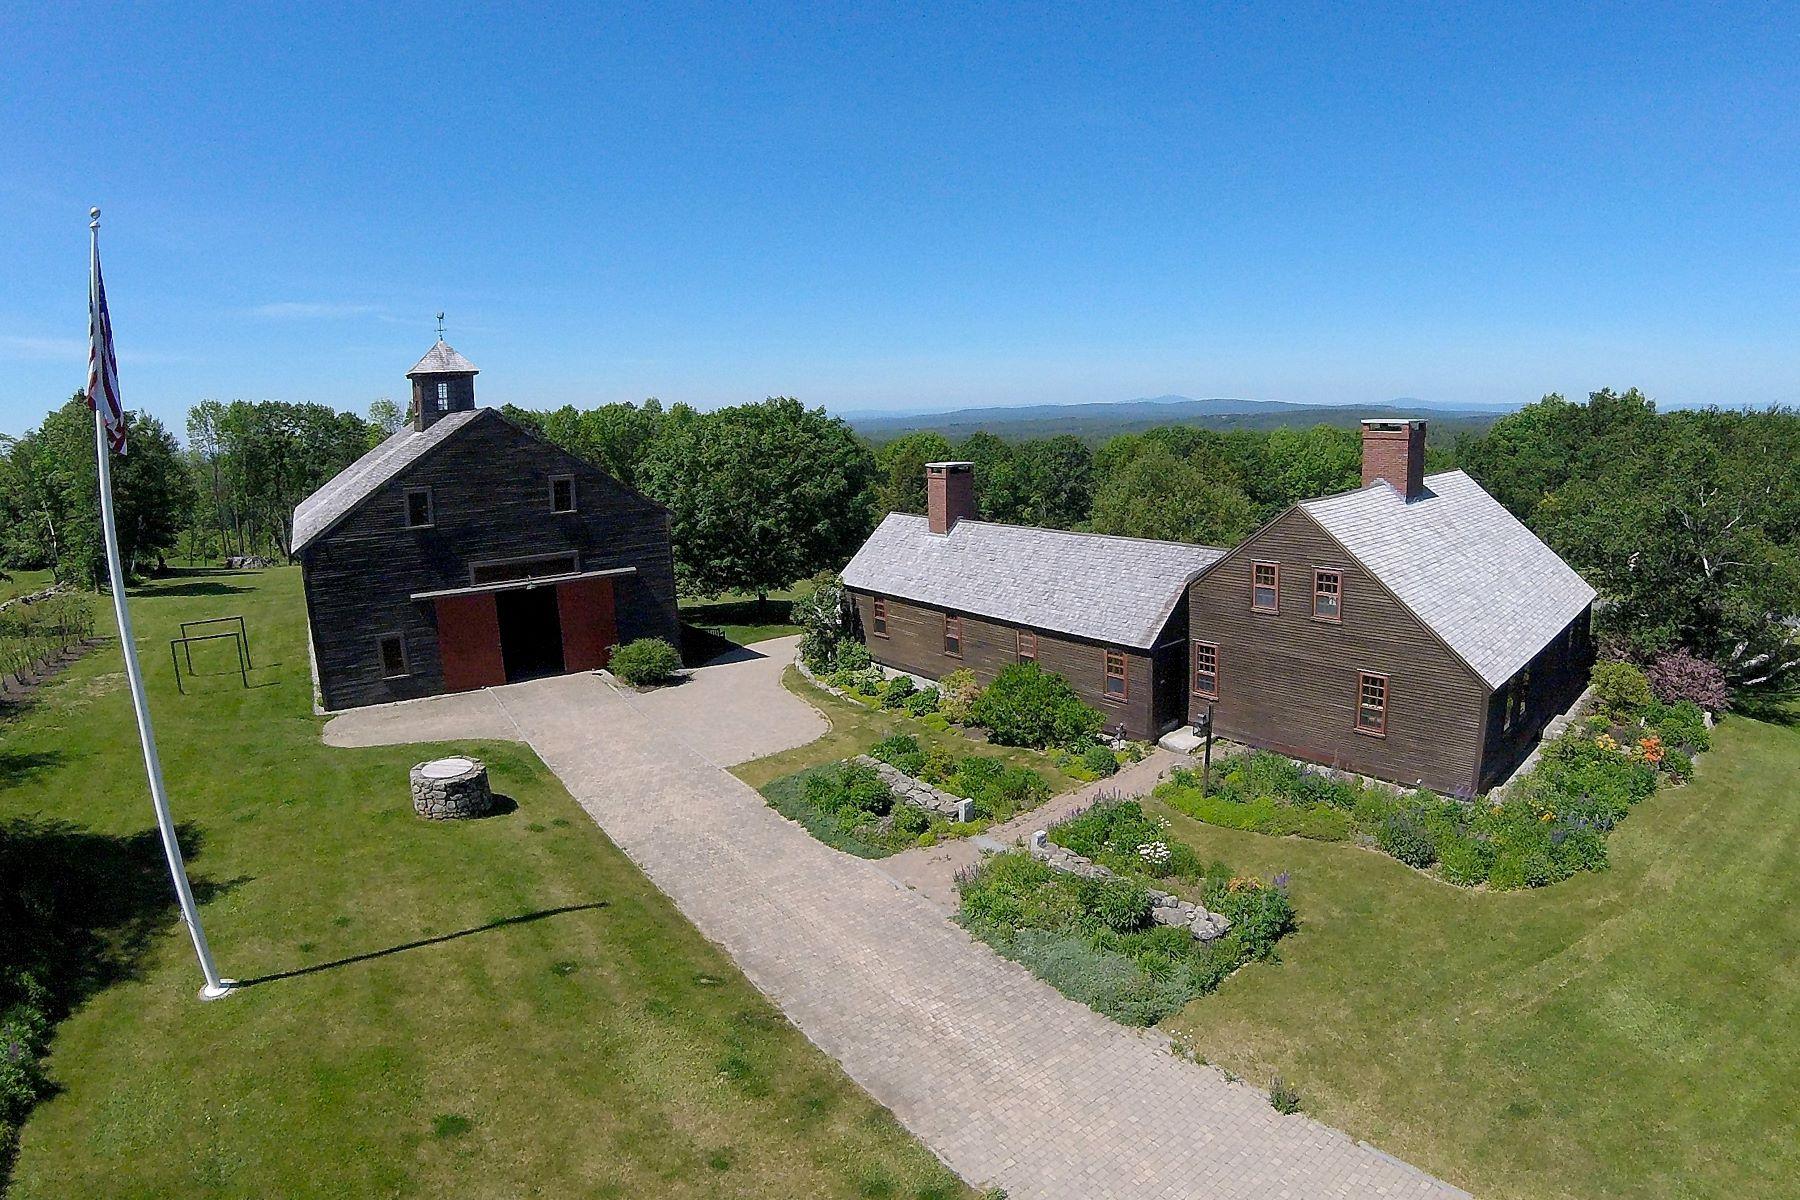 独户住宅 为 销售 在 1218 Province Rd, Gilmanton 吉尔曼顿, 新罕布什尔州 03237 美国